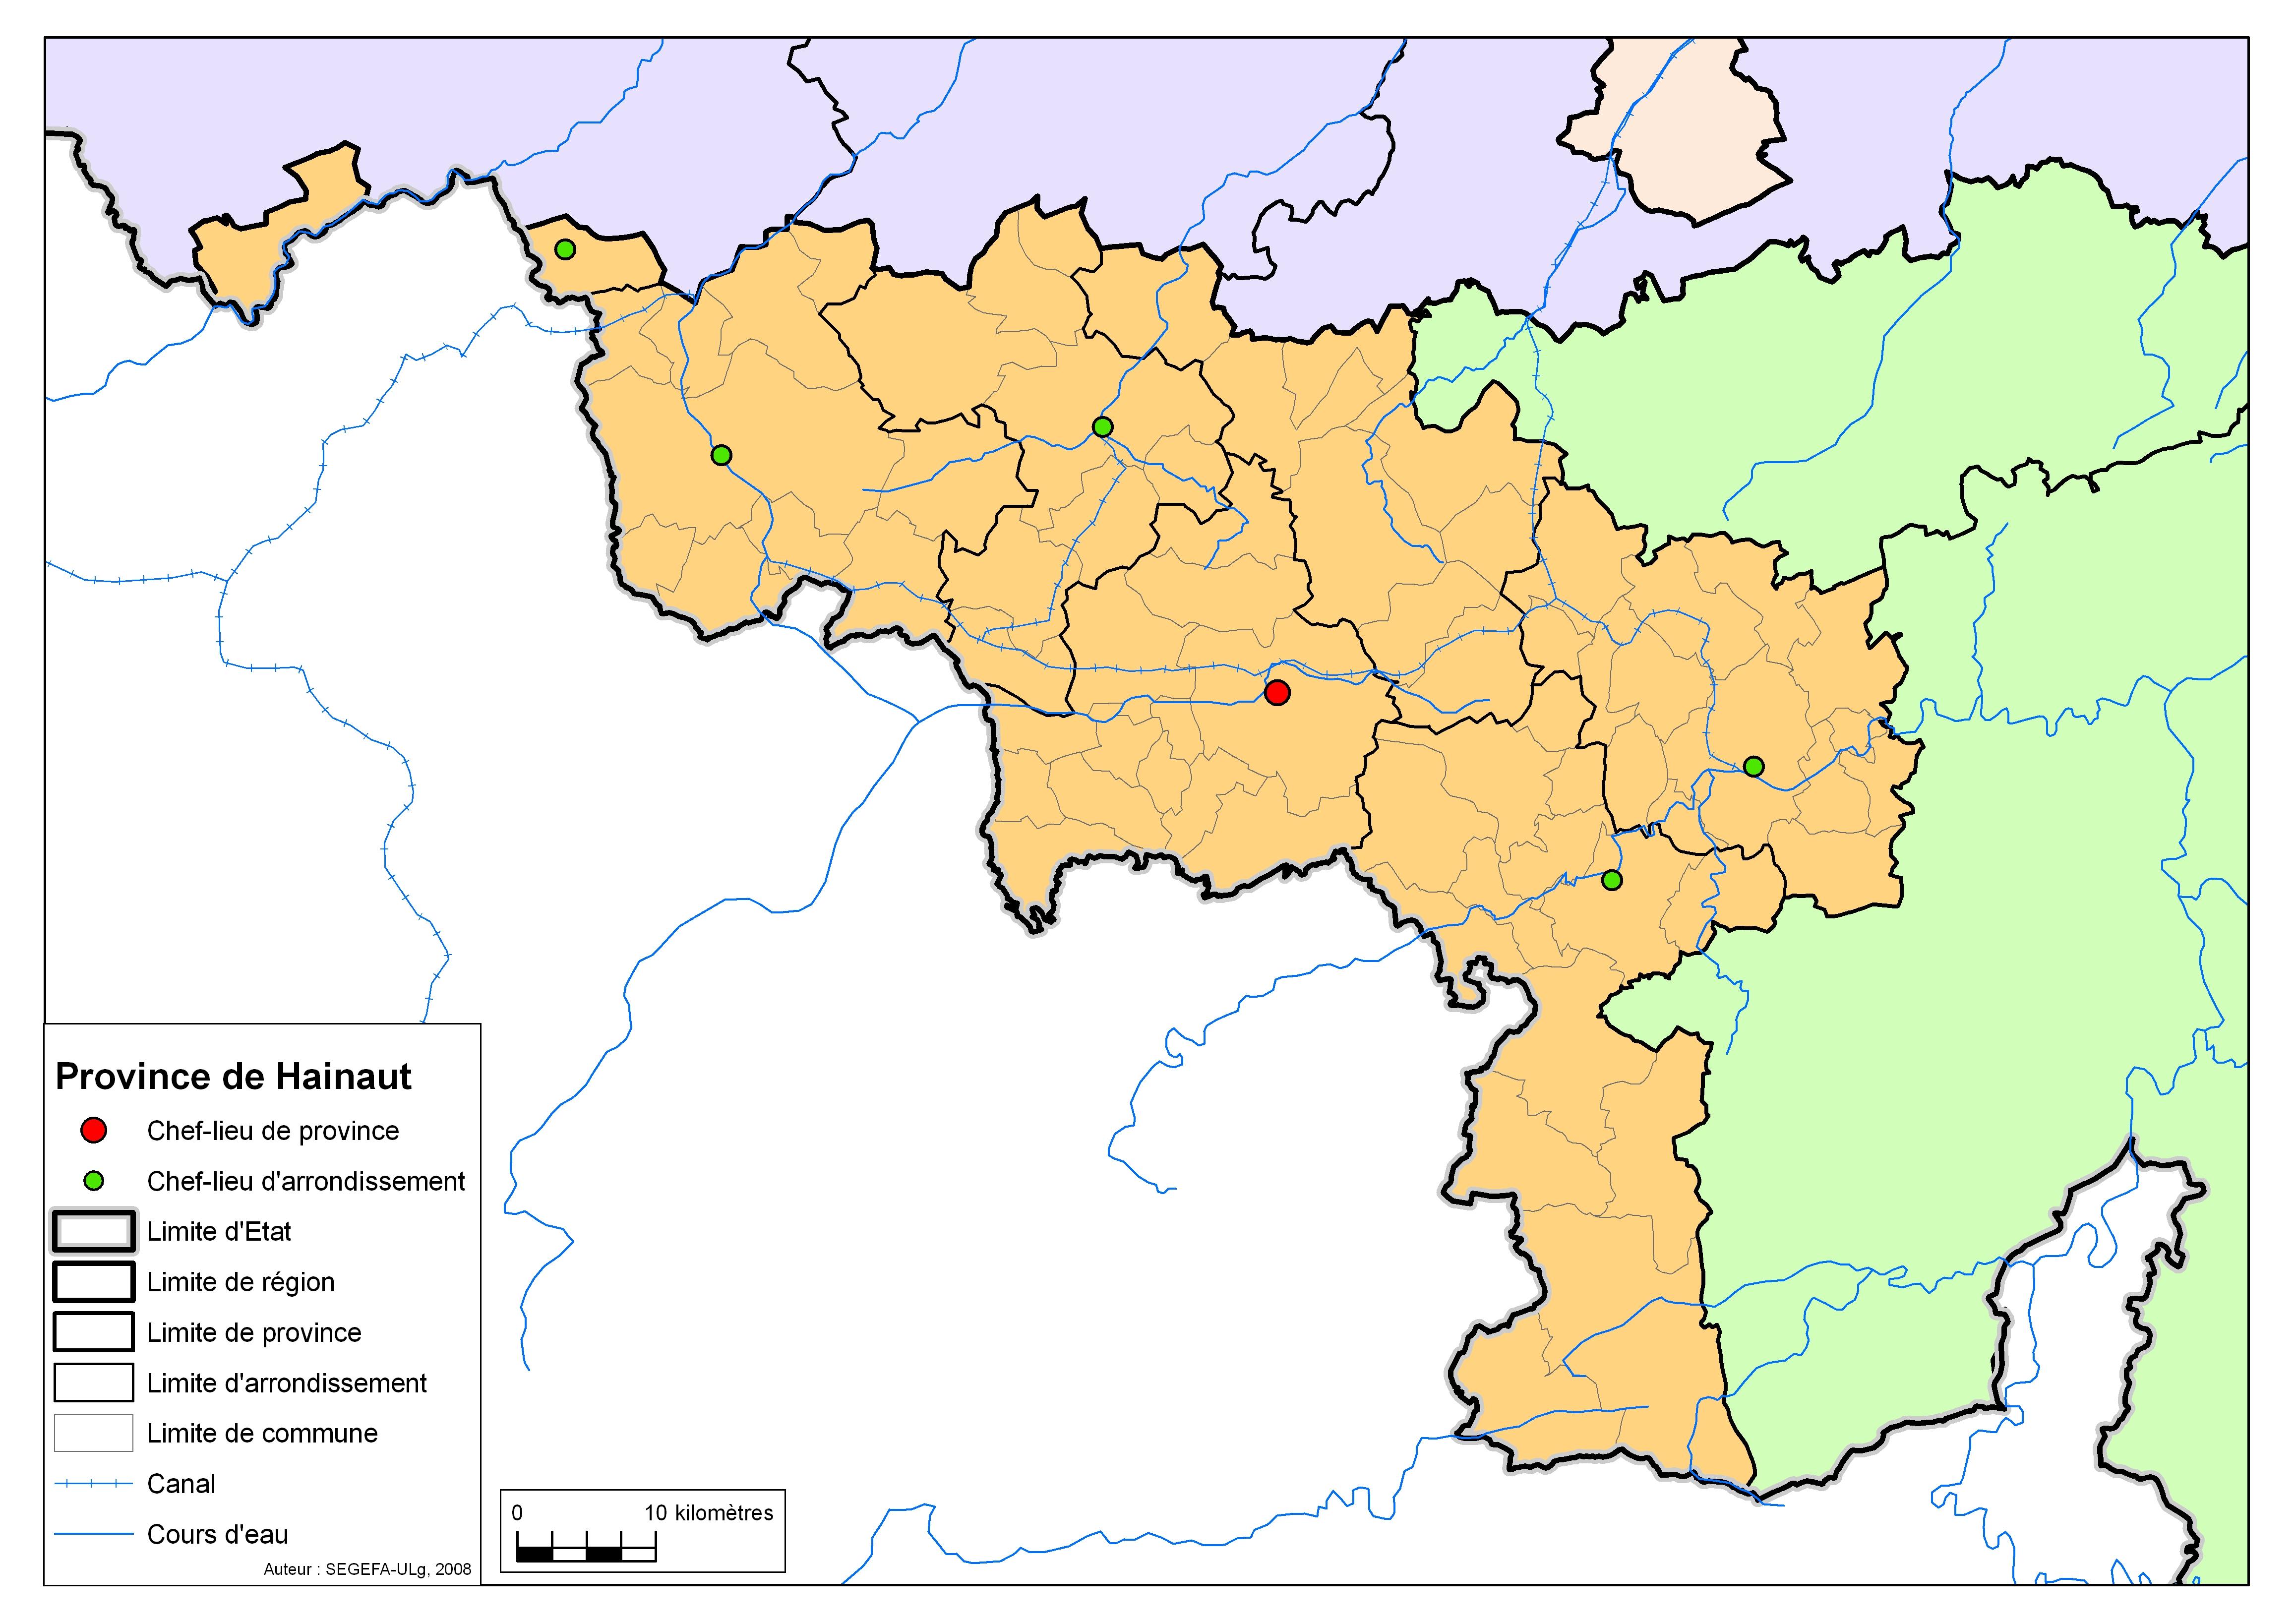 Carte Belgique Enseignement.Enseignement Be Boite A Outils Des Professeurs Atlas